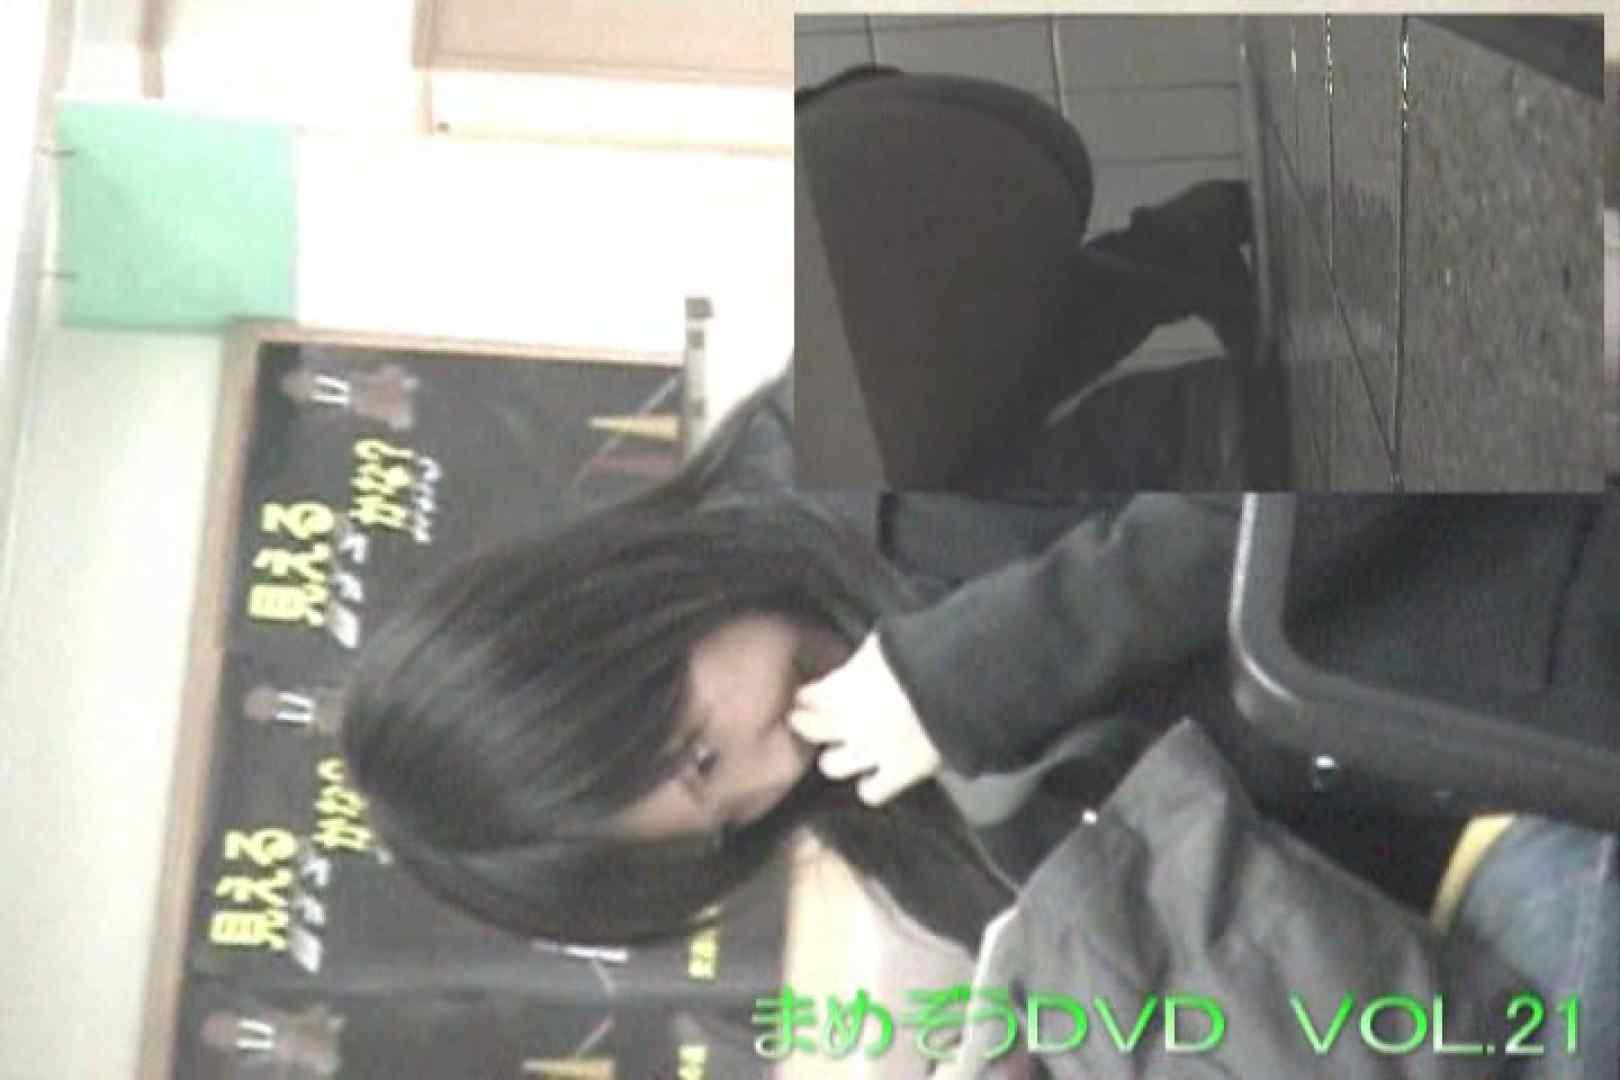 まめぞうDVD完全版VOL.21 洗面所 | ギャル攻め  91画像 63